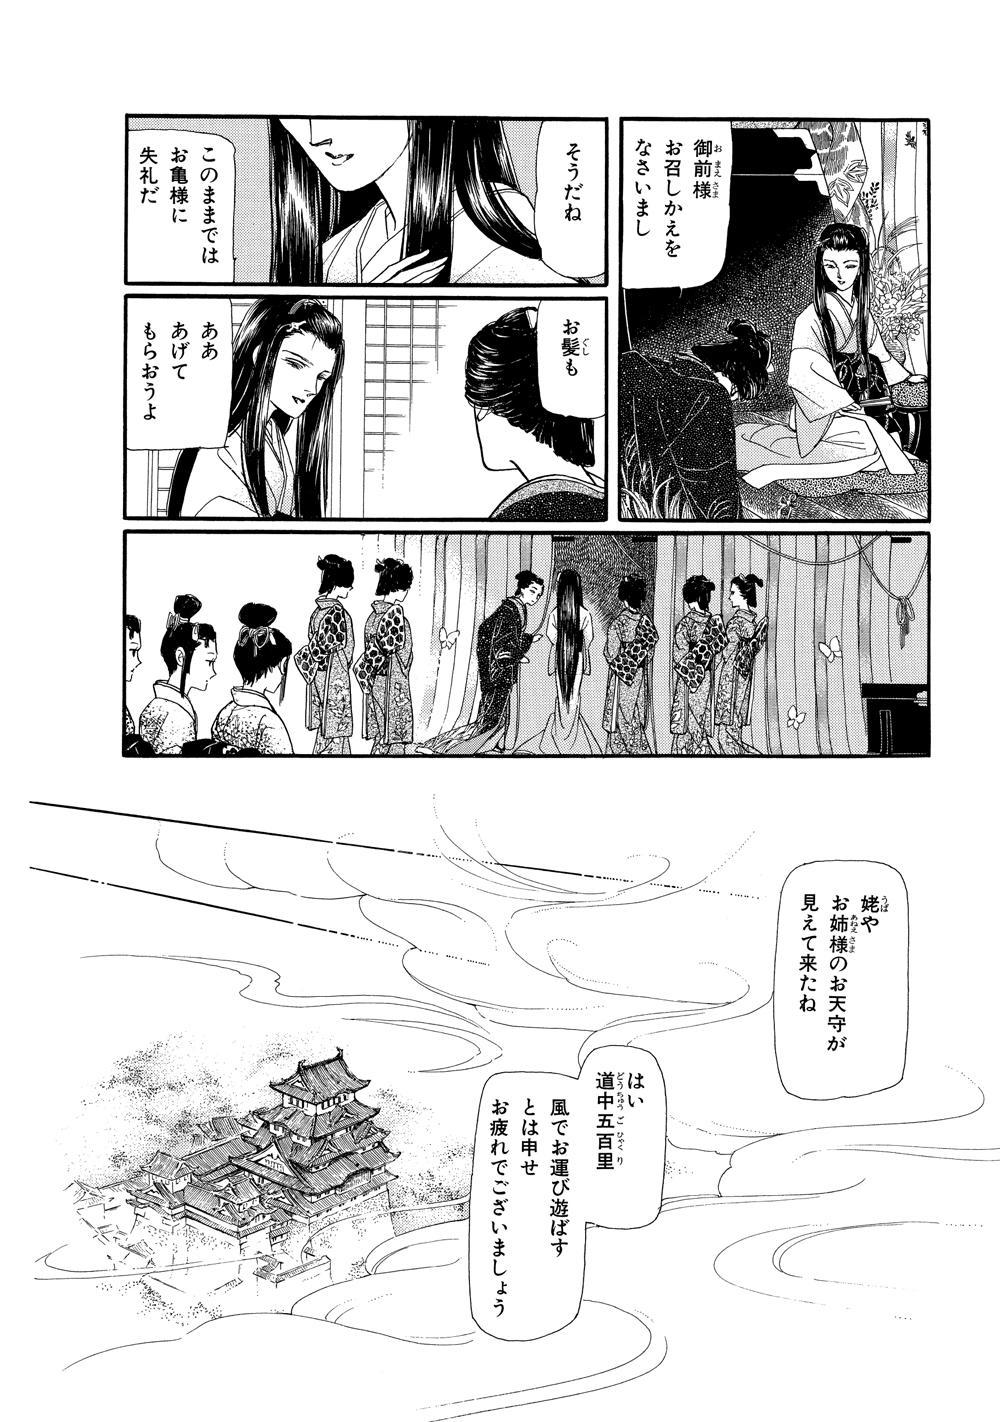 鏡花夢幻01_014.jpg